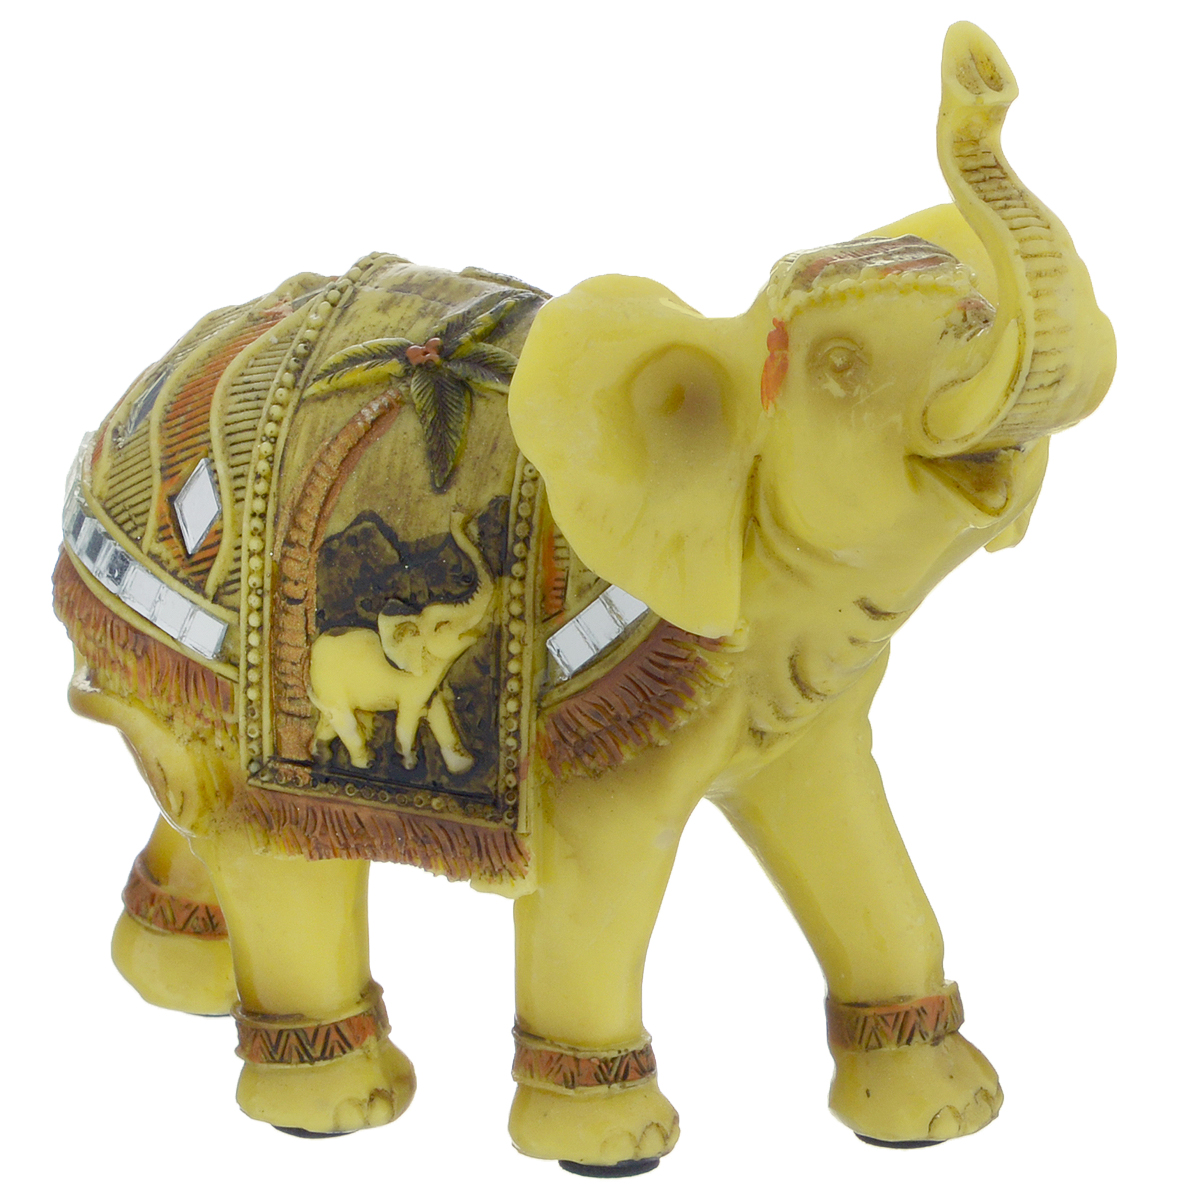 Фигурка декоративная Molento Бирманский слон, высота 11 см. 549-106890097Декоративная фигура Molento Бирманский слон, изготовленная из полистоуна, позволит вам украсить интерьер дома, рабочего кабинета или любого другого помещения оригинальным образом. Изделие выполнено в виде слона с поднятым хоботом и украшенного зеркальными элементами.С такой декоративной фигурой вы сможете не просто внести в интерьер элемент оригинальности, но и создать атмосферу загадочности и изысканности.Размер фигурки: 12,5 см 11 см х 5 см.Если поставить фигурку слона на подоконник, хоботом по направлению в окно, то он будет втягивать удачу с улицы в помещение. Однако если слон смотрит внутрь квартиры, то это будет символом того, что удача уже находится в доме.